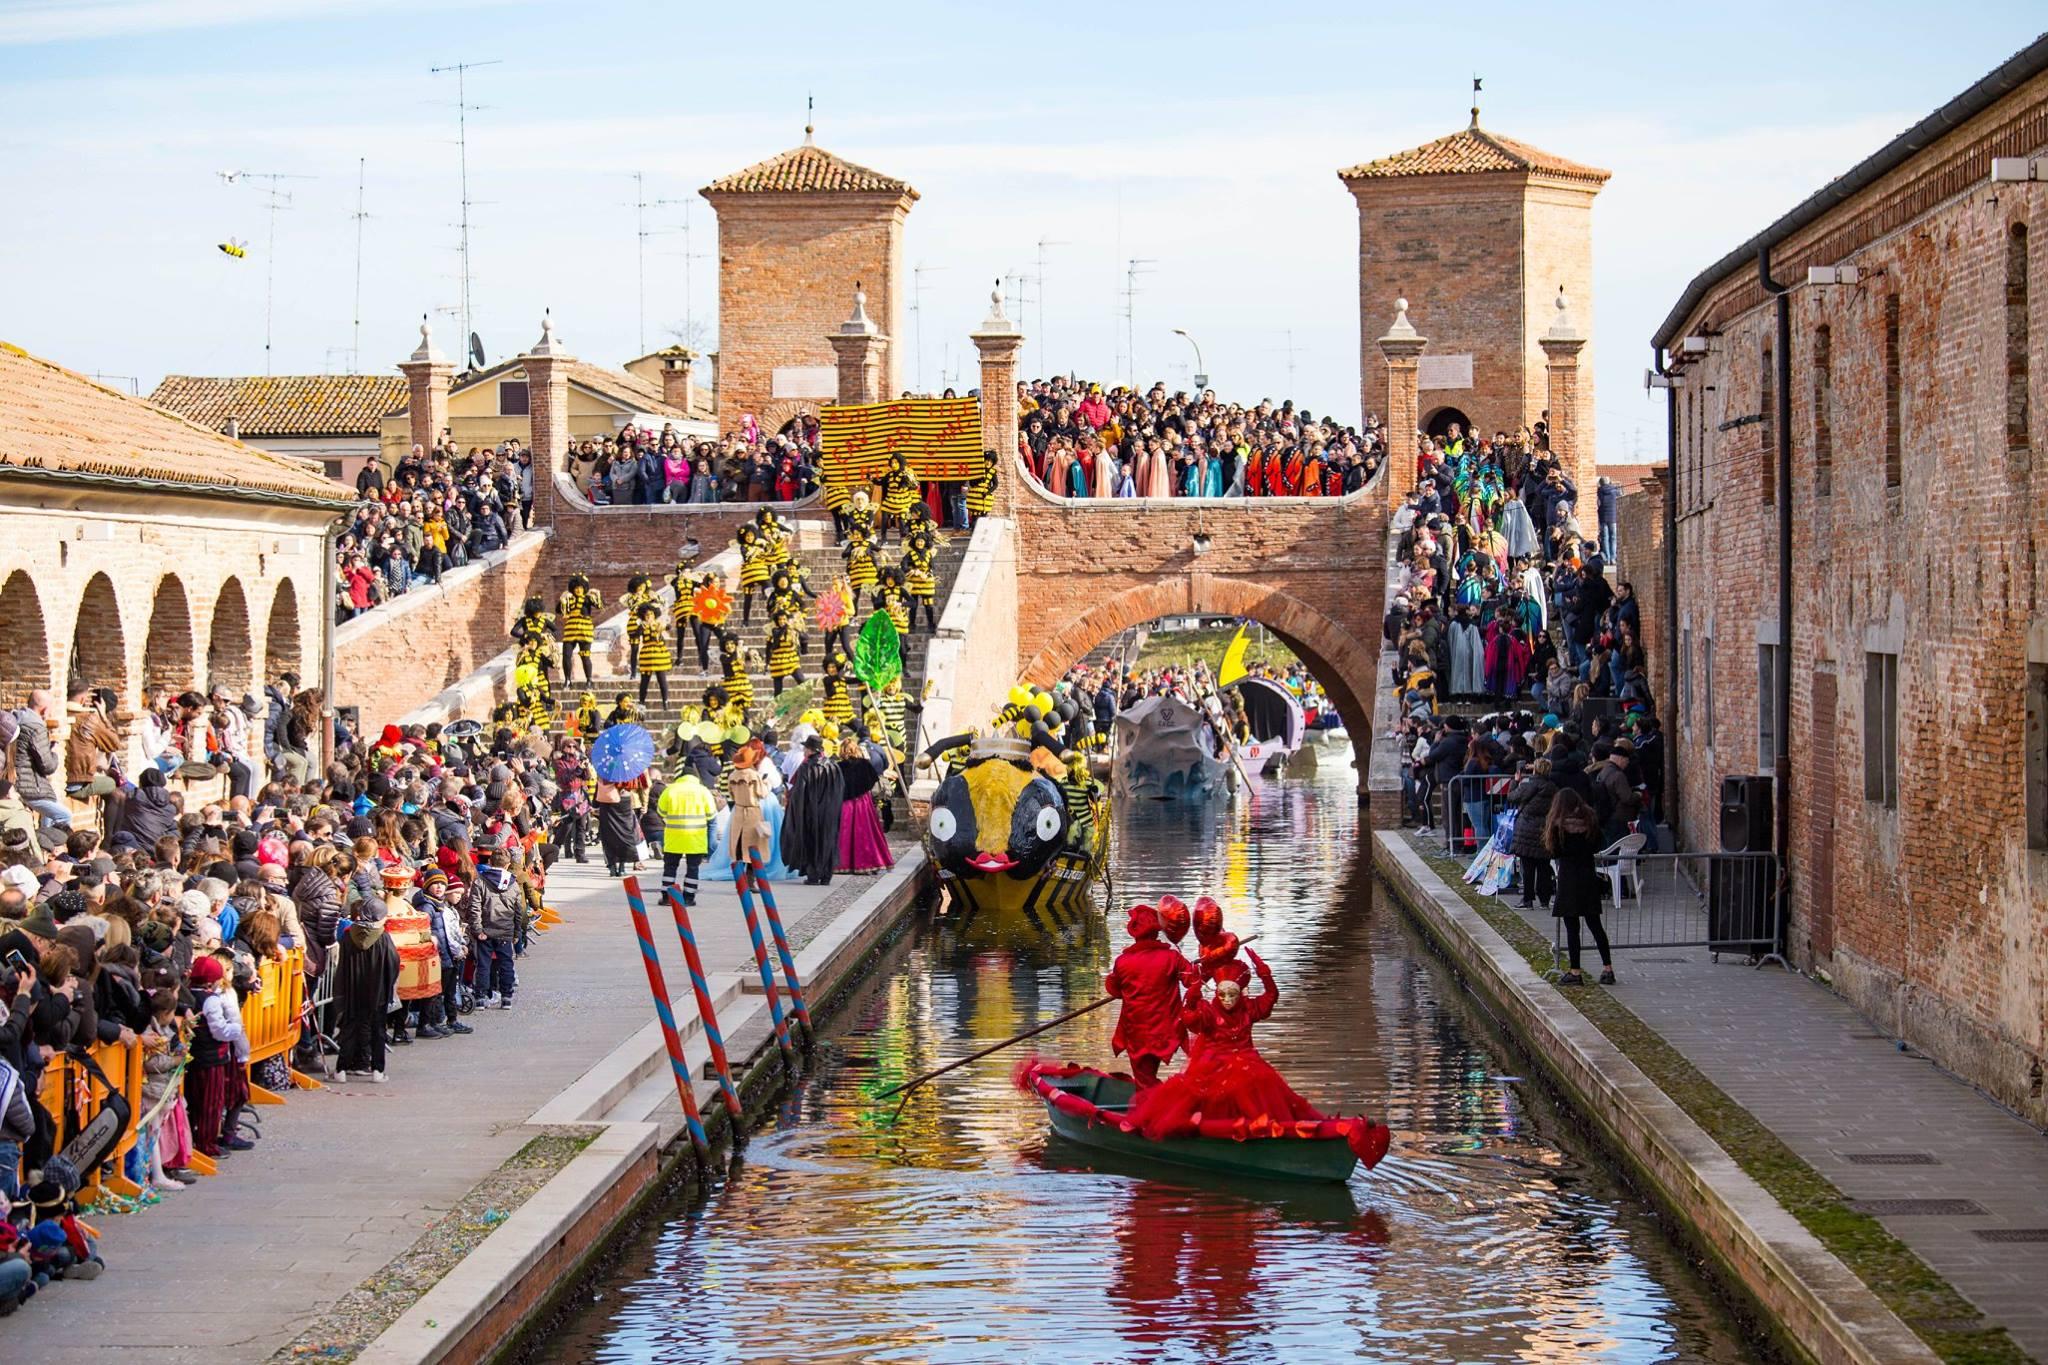 Carnevale sull'acqua Comacchio 2019 via Facebook